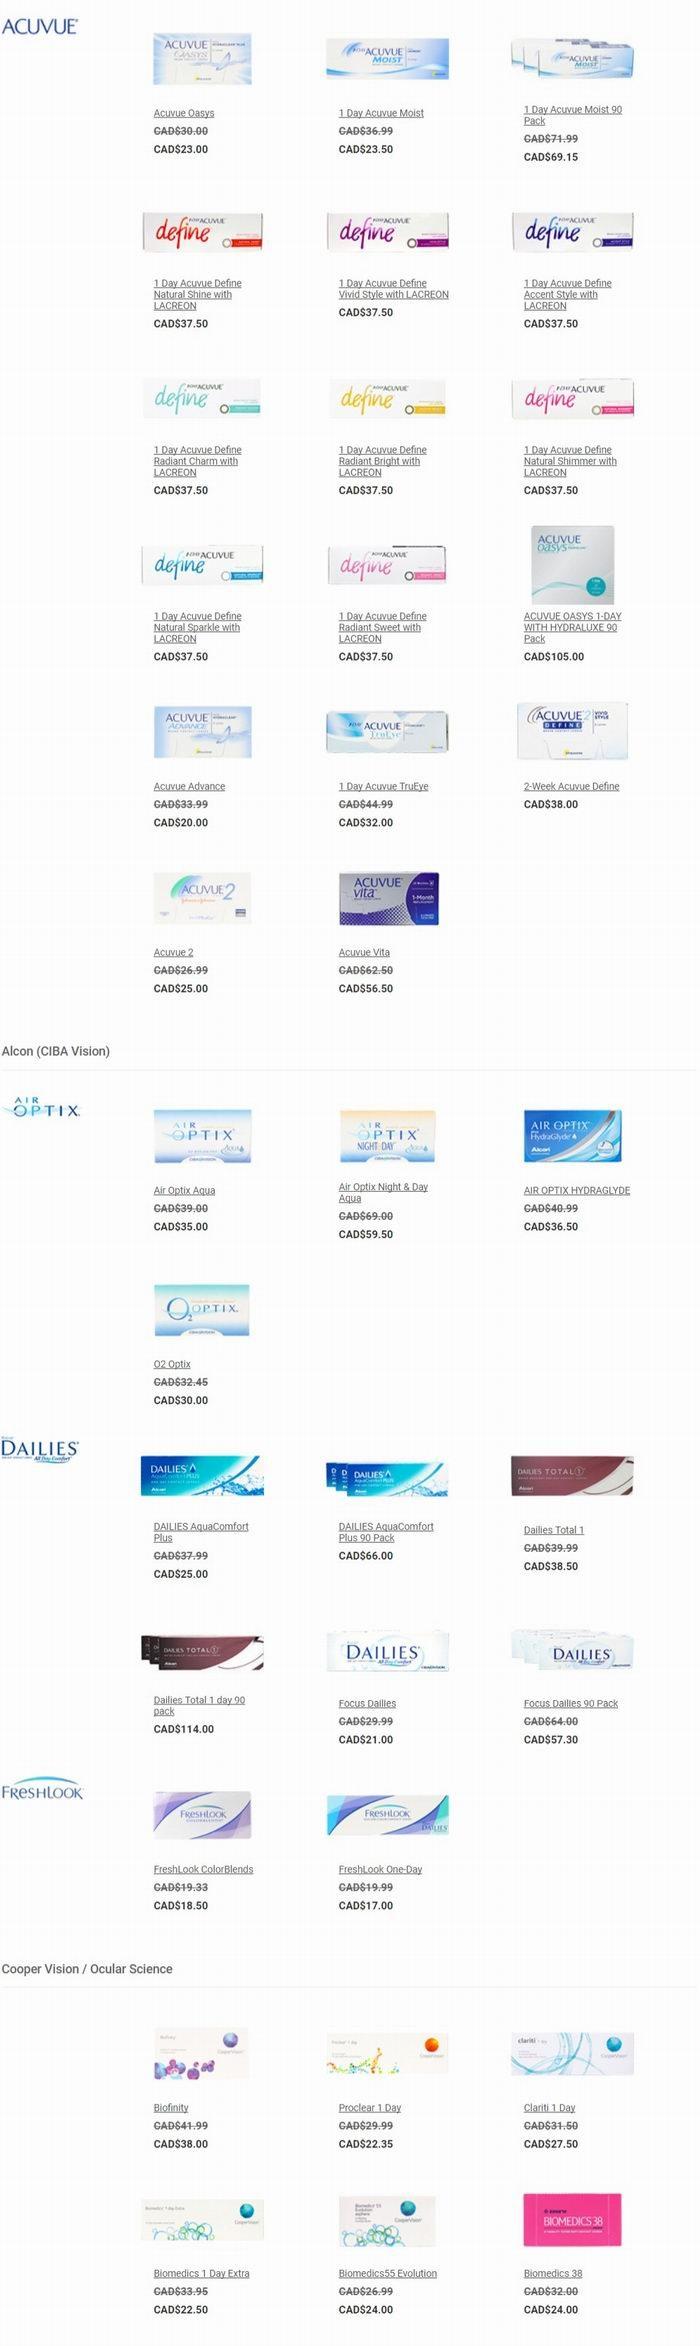 PerfectLens 母亲节大促最后一天!精选隐形眼镜、美瞳特价销售,额外8.5折!